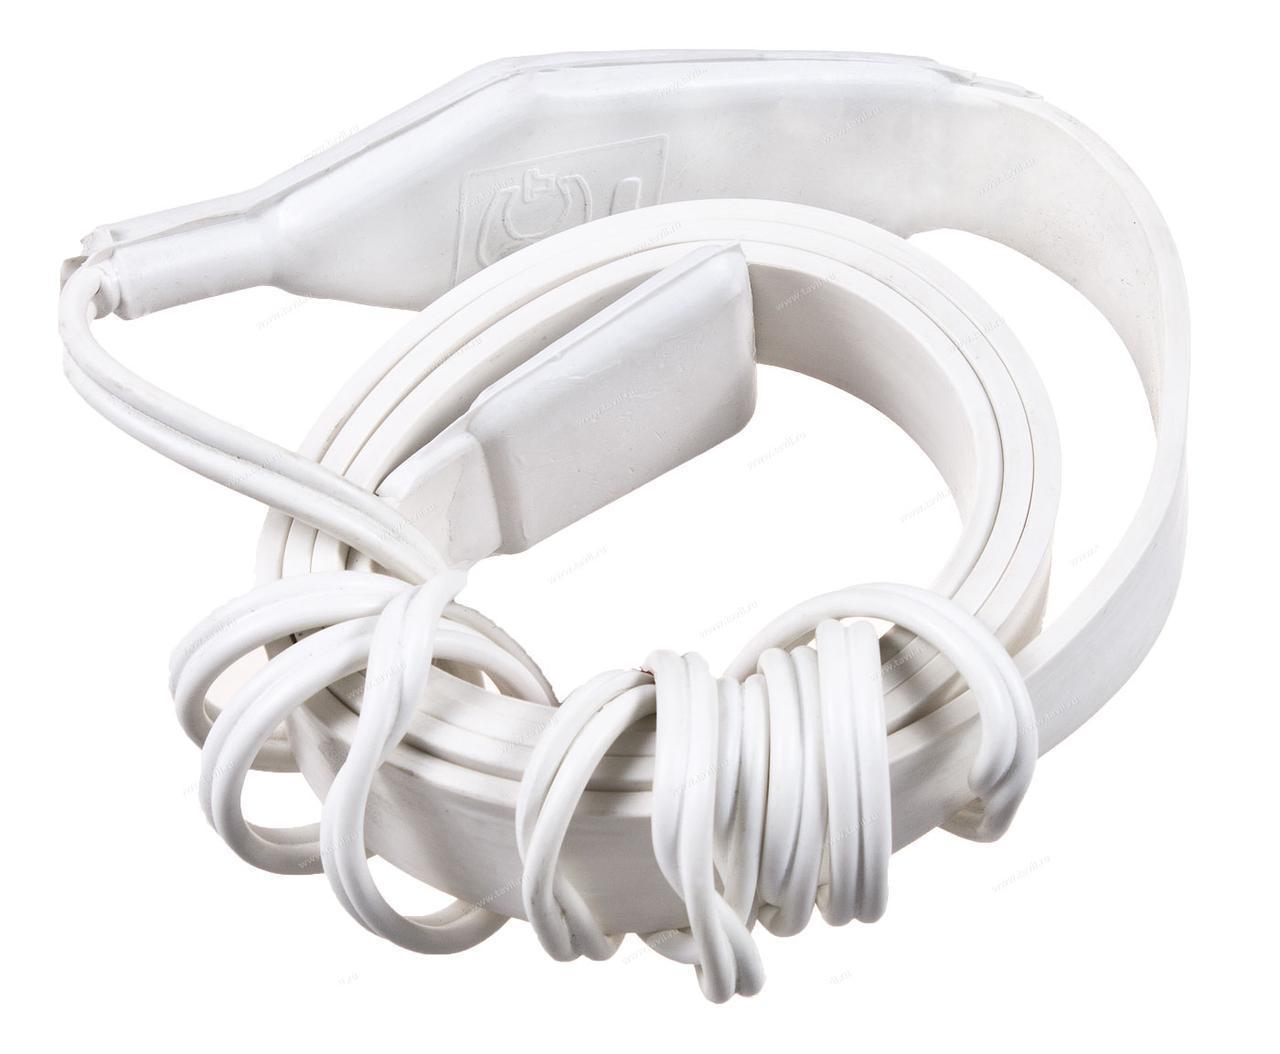 Нагреватель гибкий ленточный ЭНГЛ-1-0,03/24в -2,0м